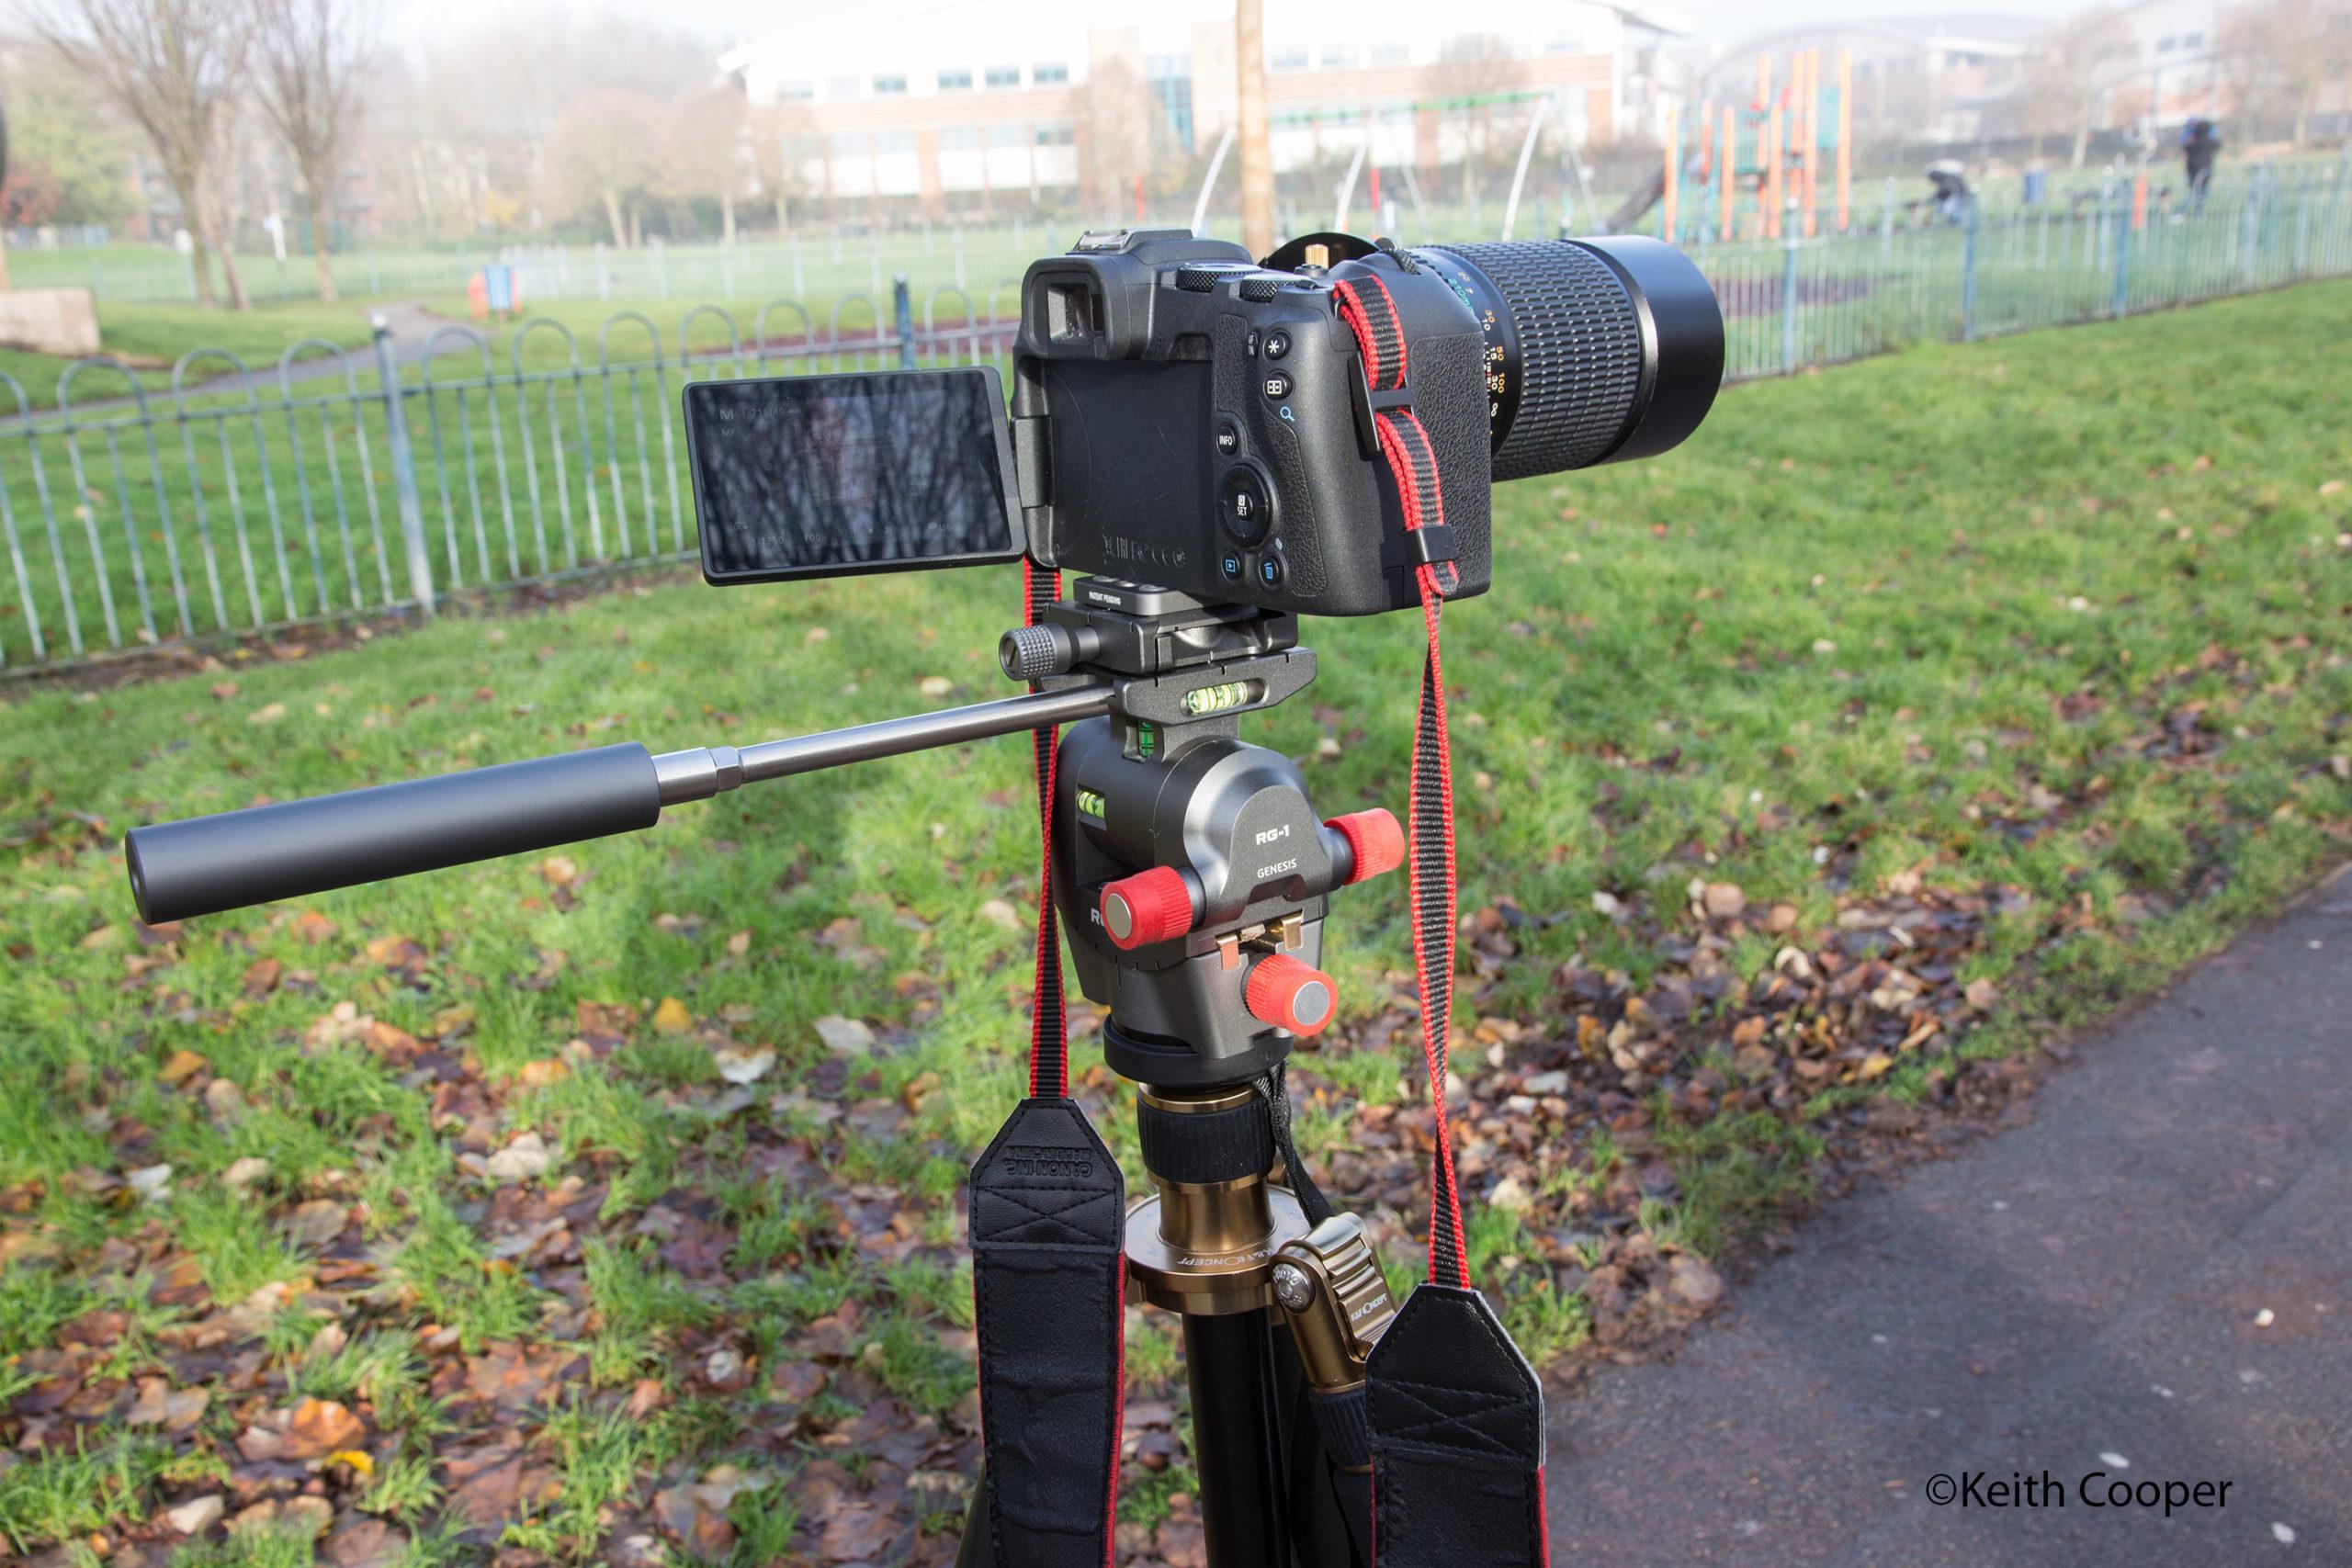 210mm f/4 on RG1